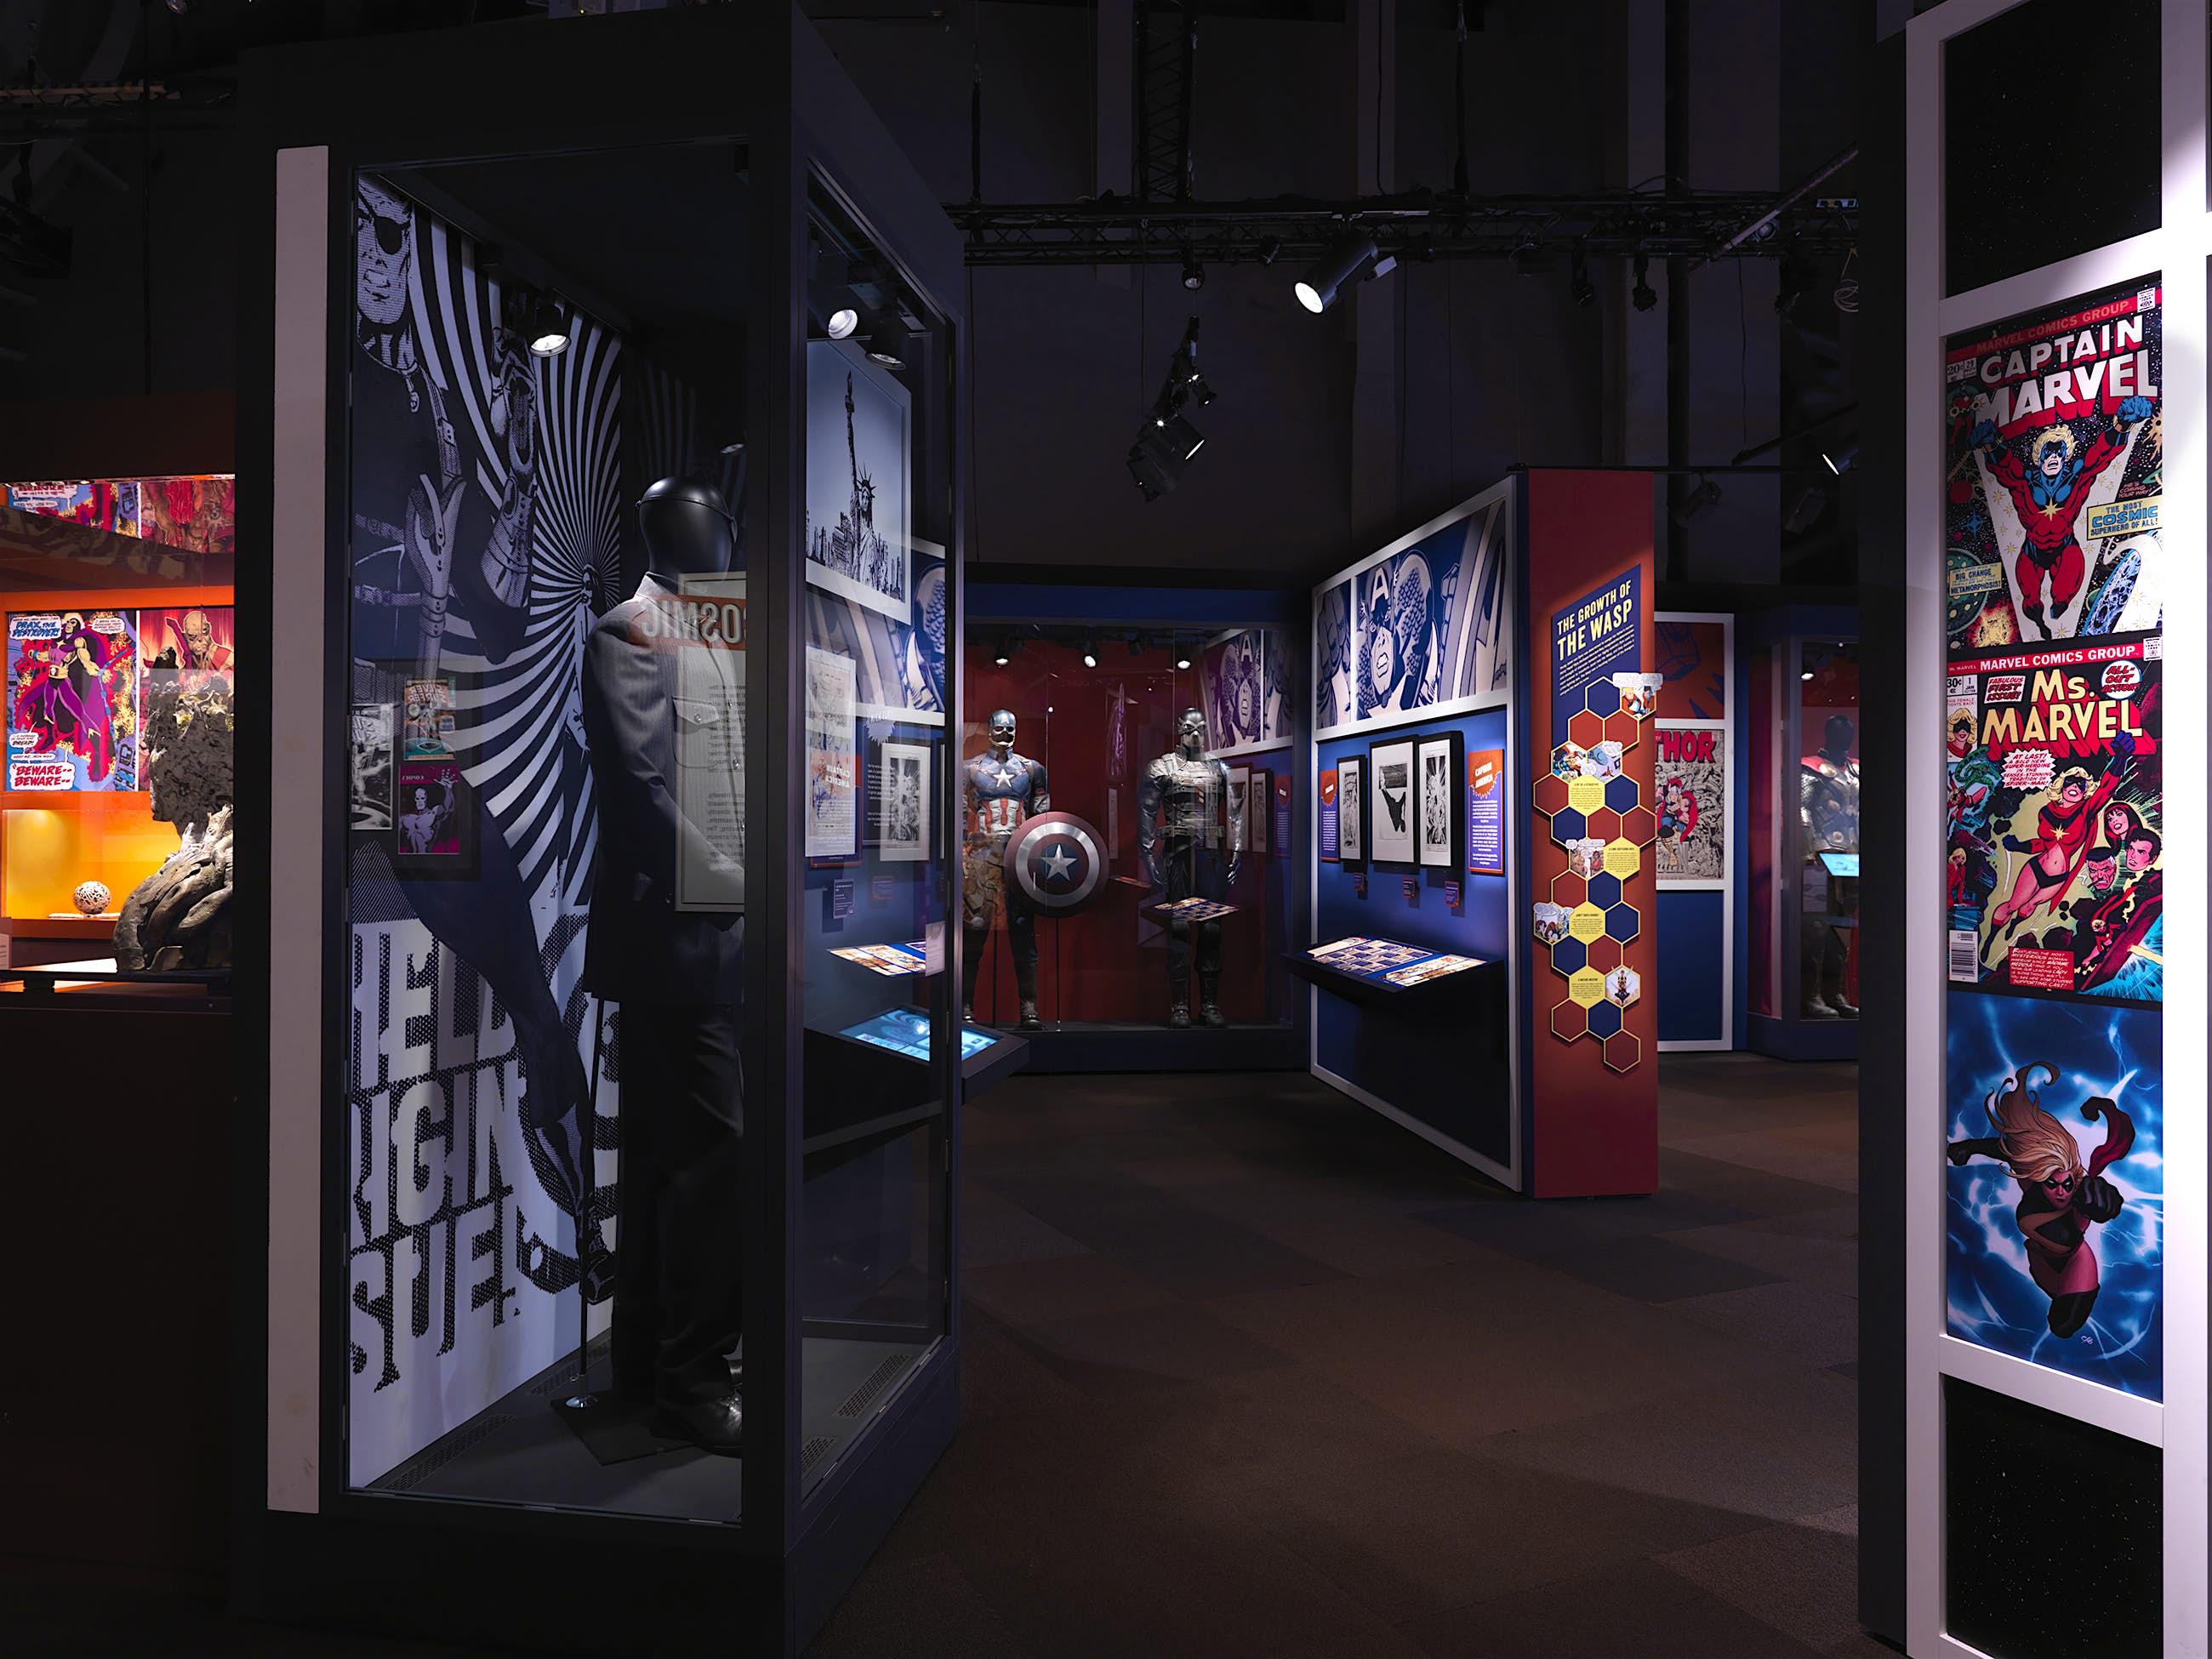 Revistas em quadrinhos, figurinos e adereços em exposição em uma exposição da Marvel